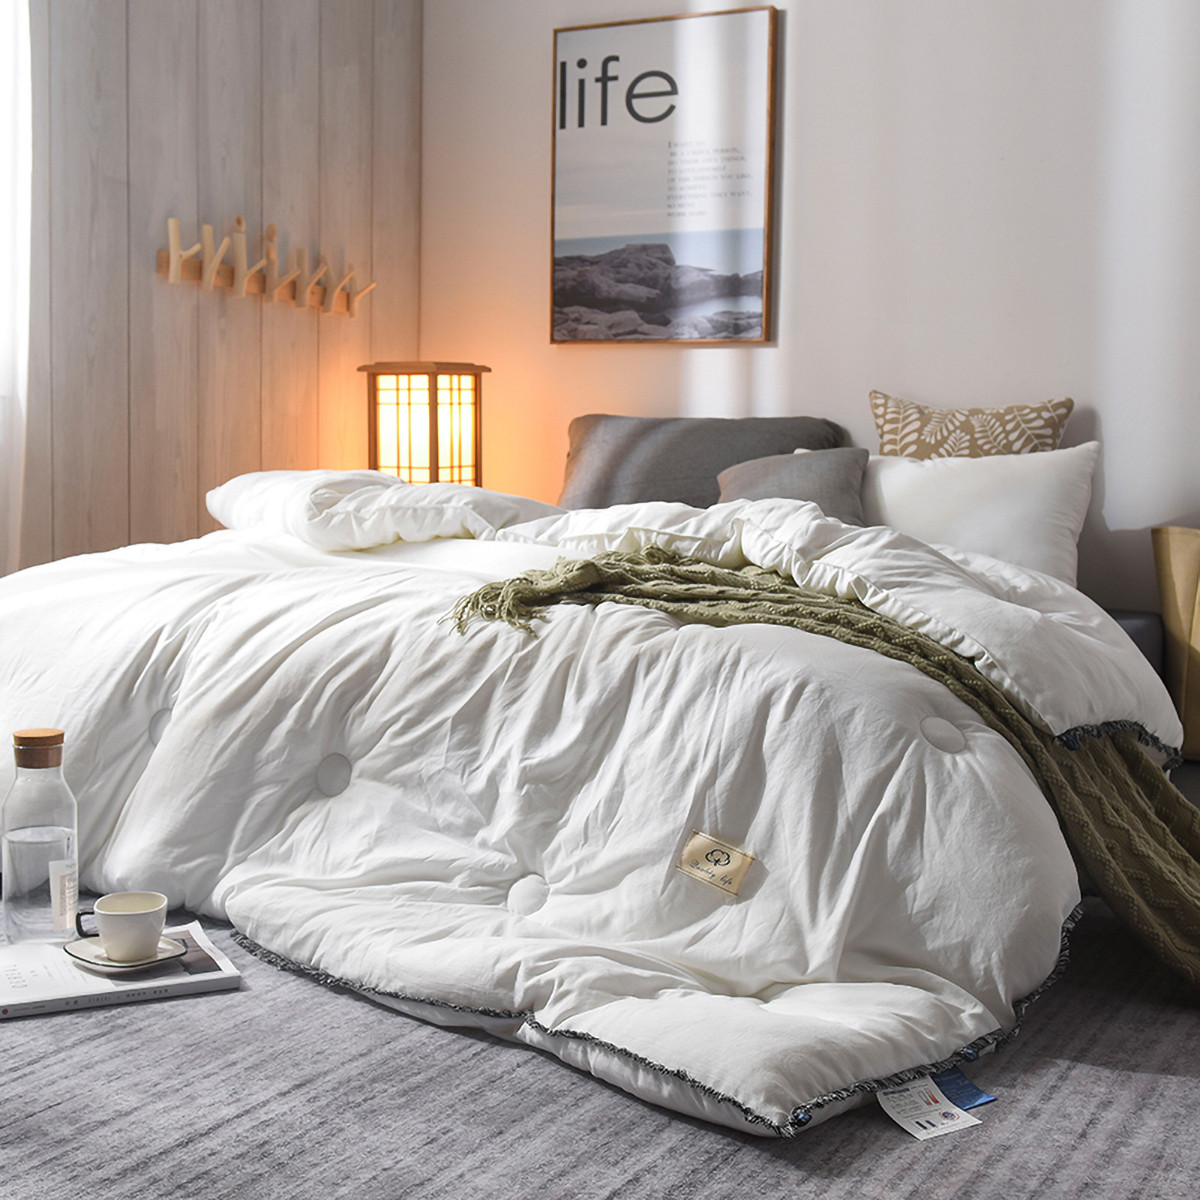 Ramada【年底清仓】柔系列保暖被子被芯床上盖被空调被被芯被子COLOR白色